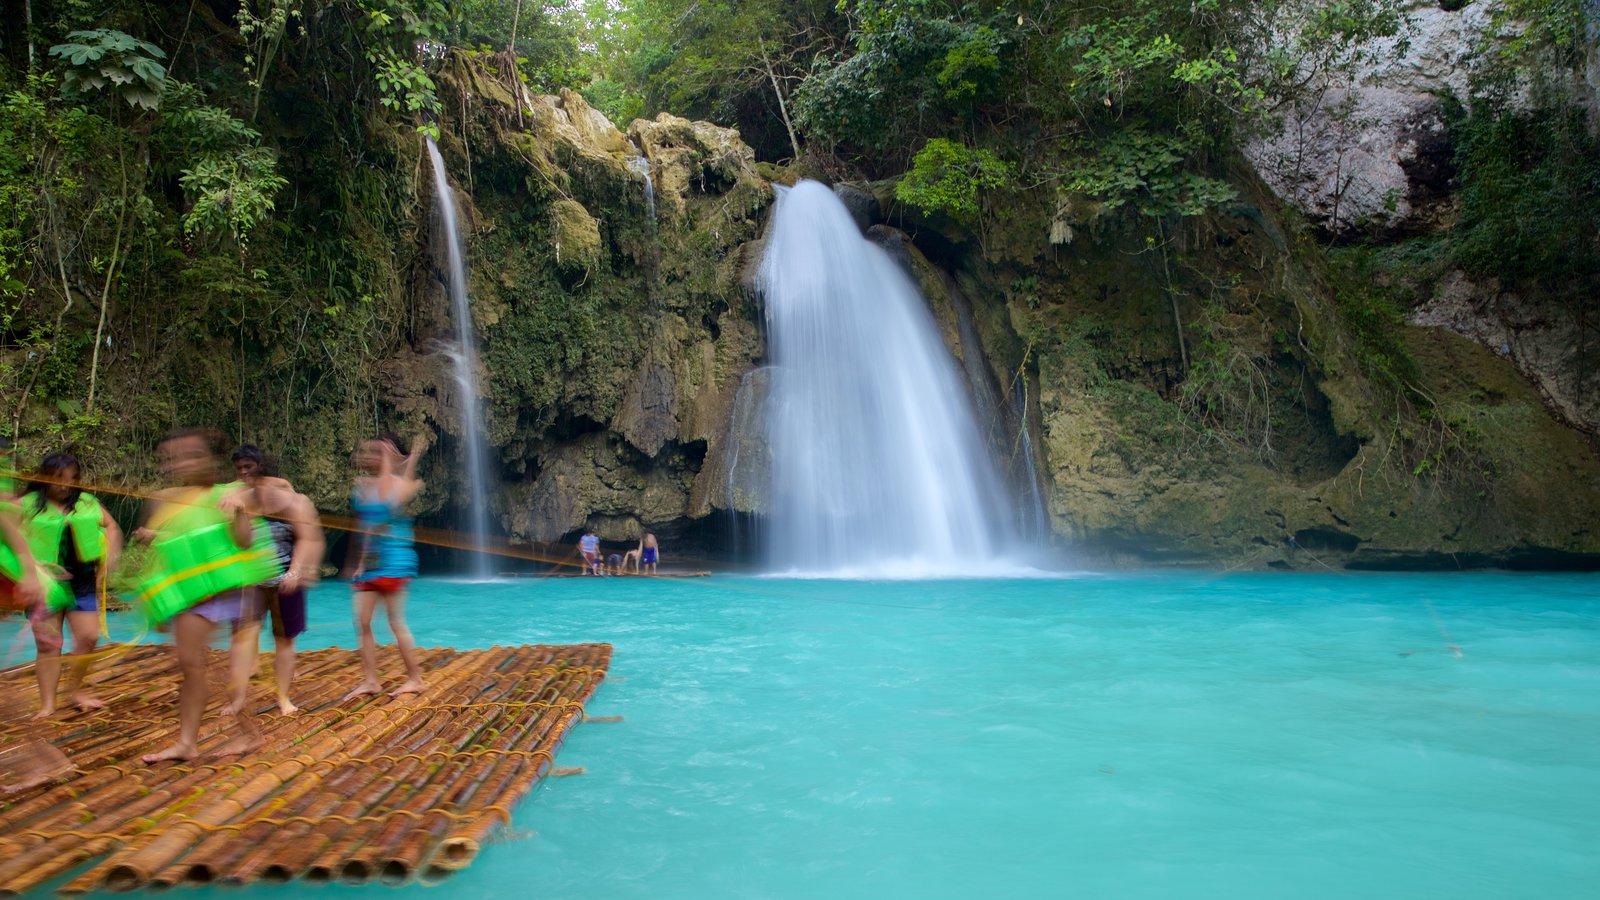 Kawasan Falls showing a waterfall and a lake or waterhole